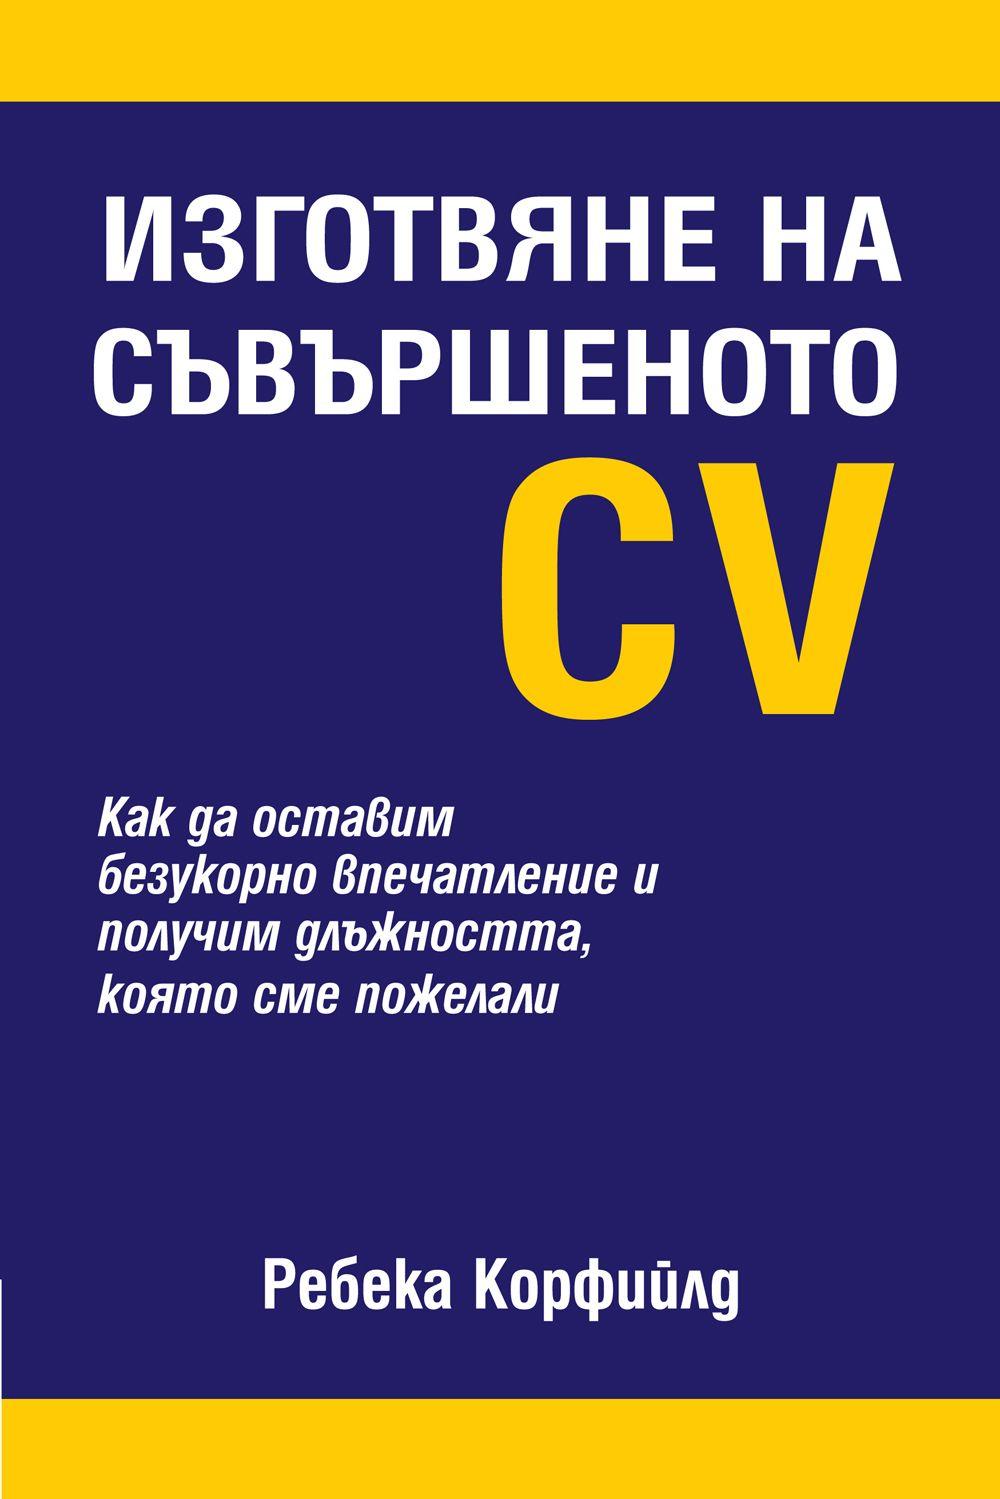 Изготвяне на съвършеното CV (твърди корици) - 1